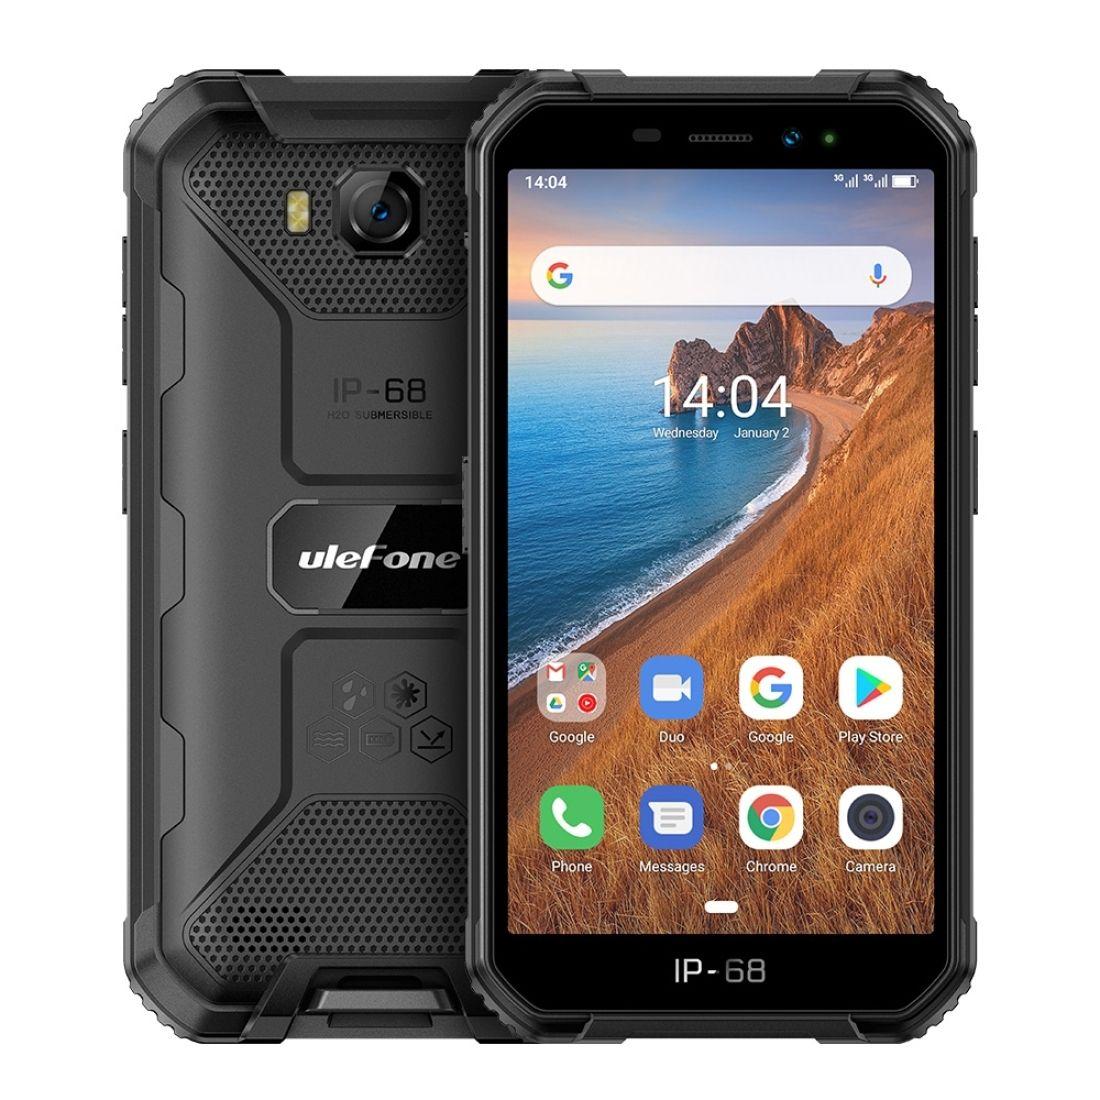 Ulefone armadura x6 telefone robusto, 2GB + 16GB de identificação de rosto, bateria de 4000mAh, 5.0 polegadas android 9,0 MTK6580A / W quad core até 1.3GHz